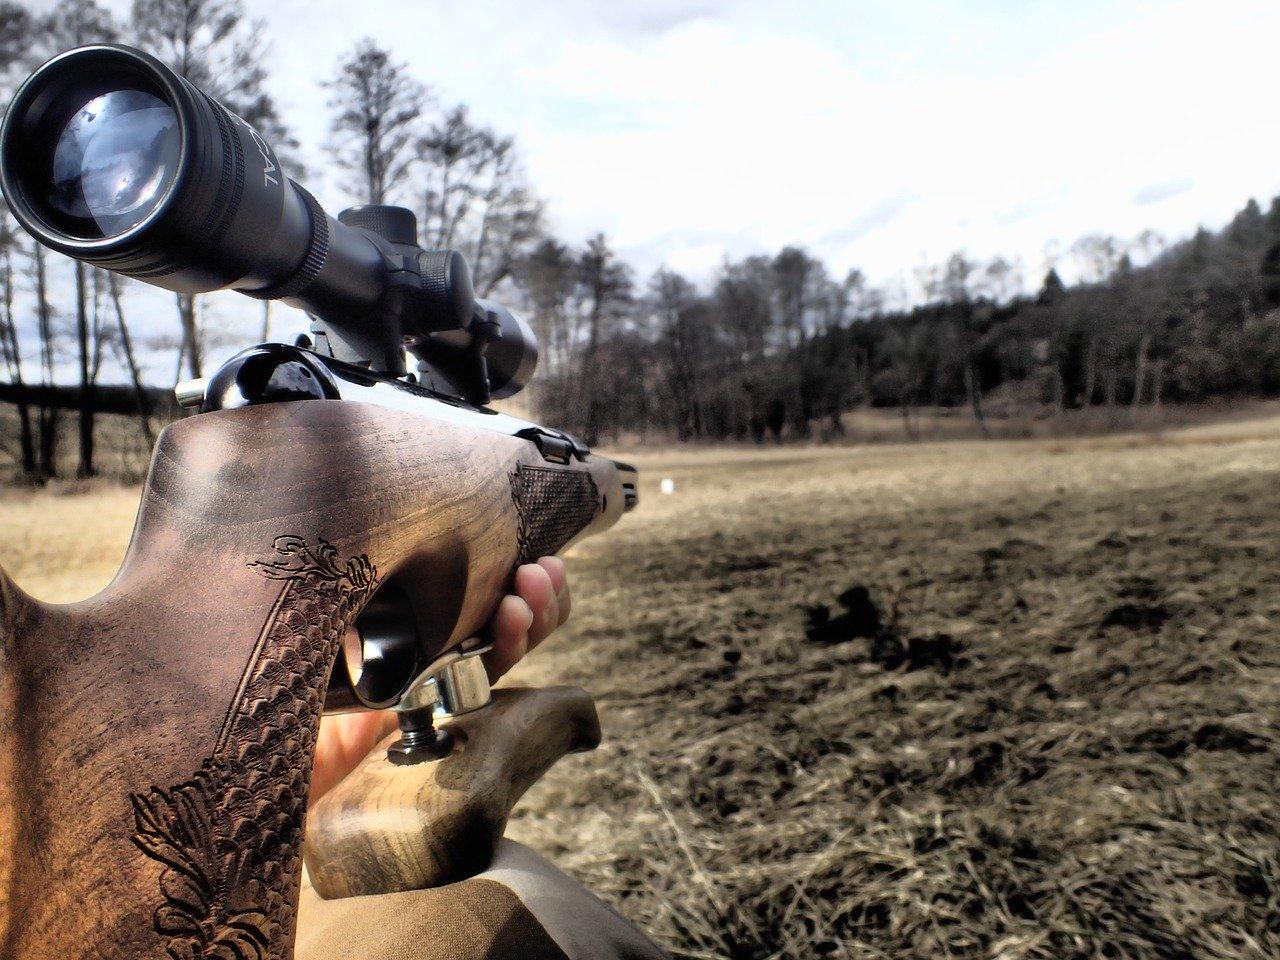 Wiatrówka pistolet czy karabin?